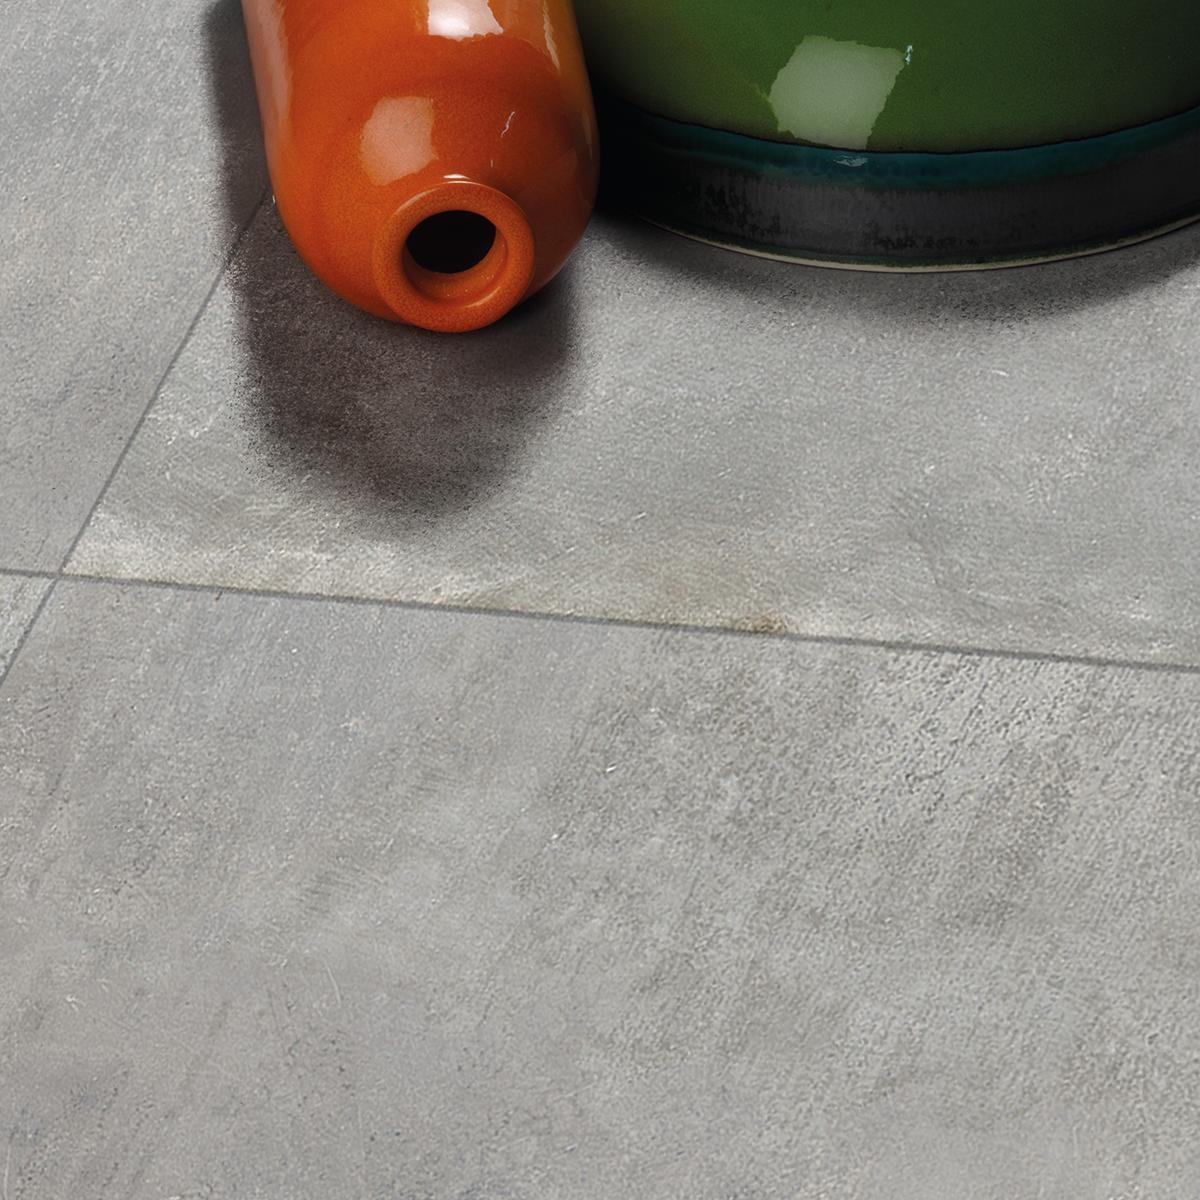 Piastrella City Grey 60 x 60 cm sp. 9.5 mm PEI 4/5 grigio - 2